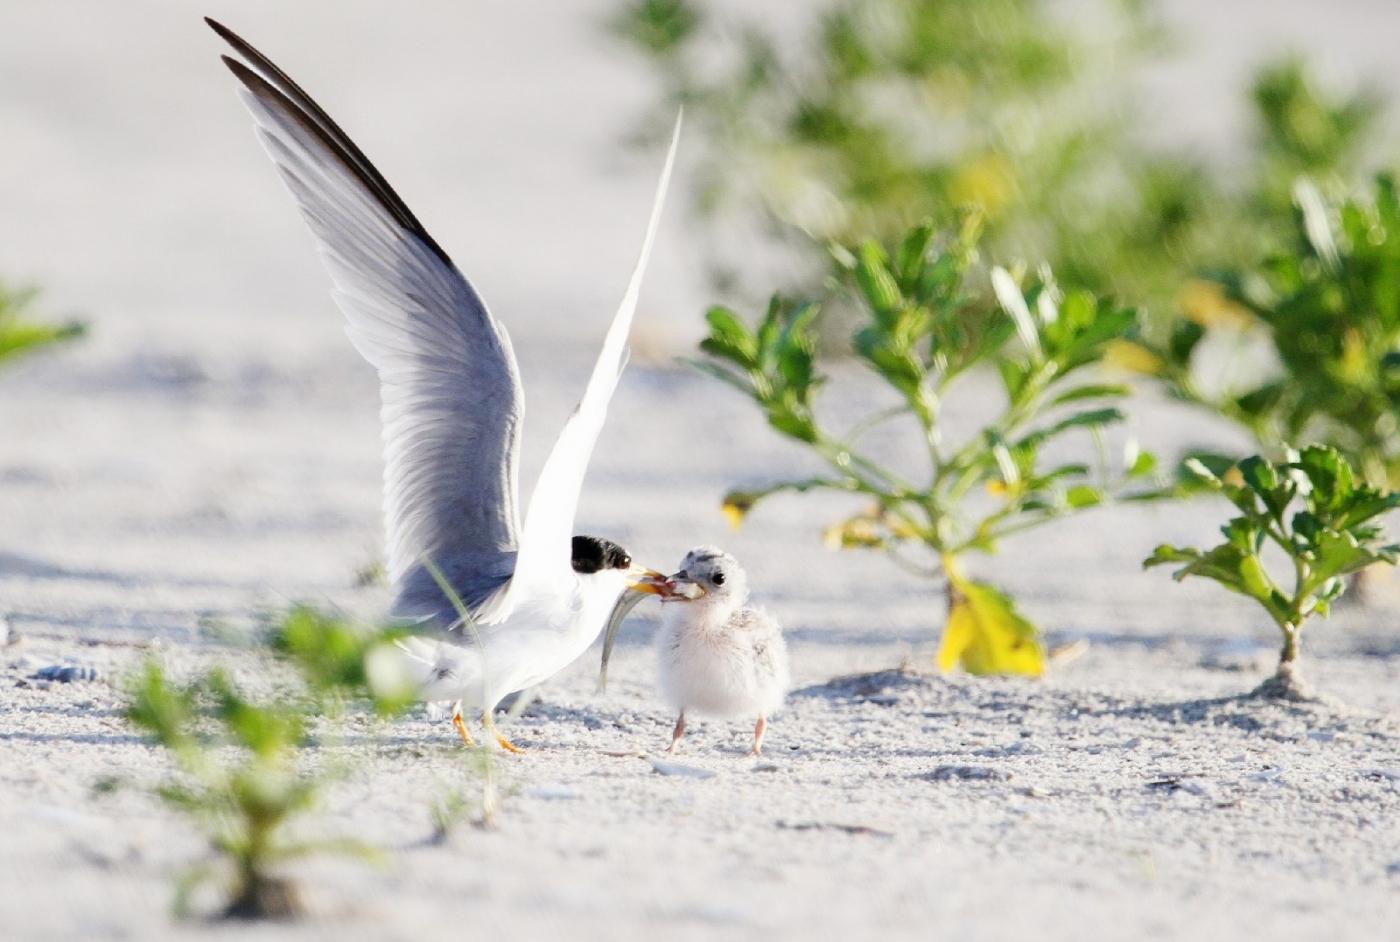 【田螺摄影】黄嘴燕鸥整个出生成长的过程_图1-14